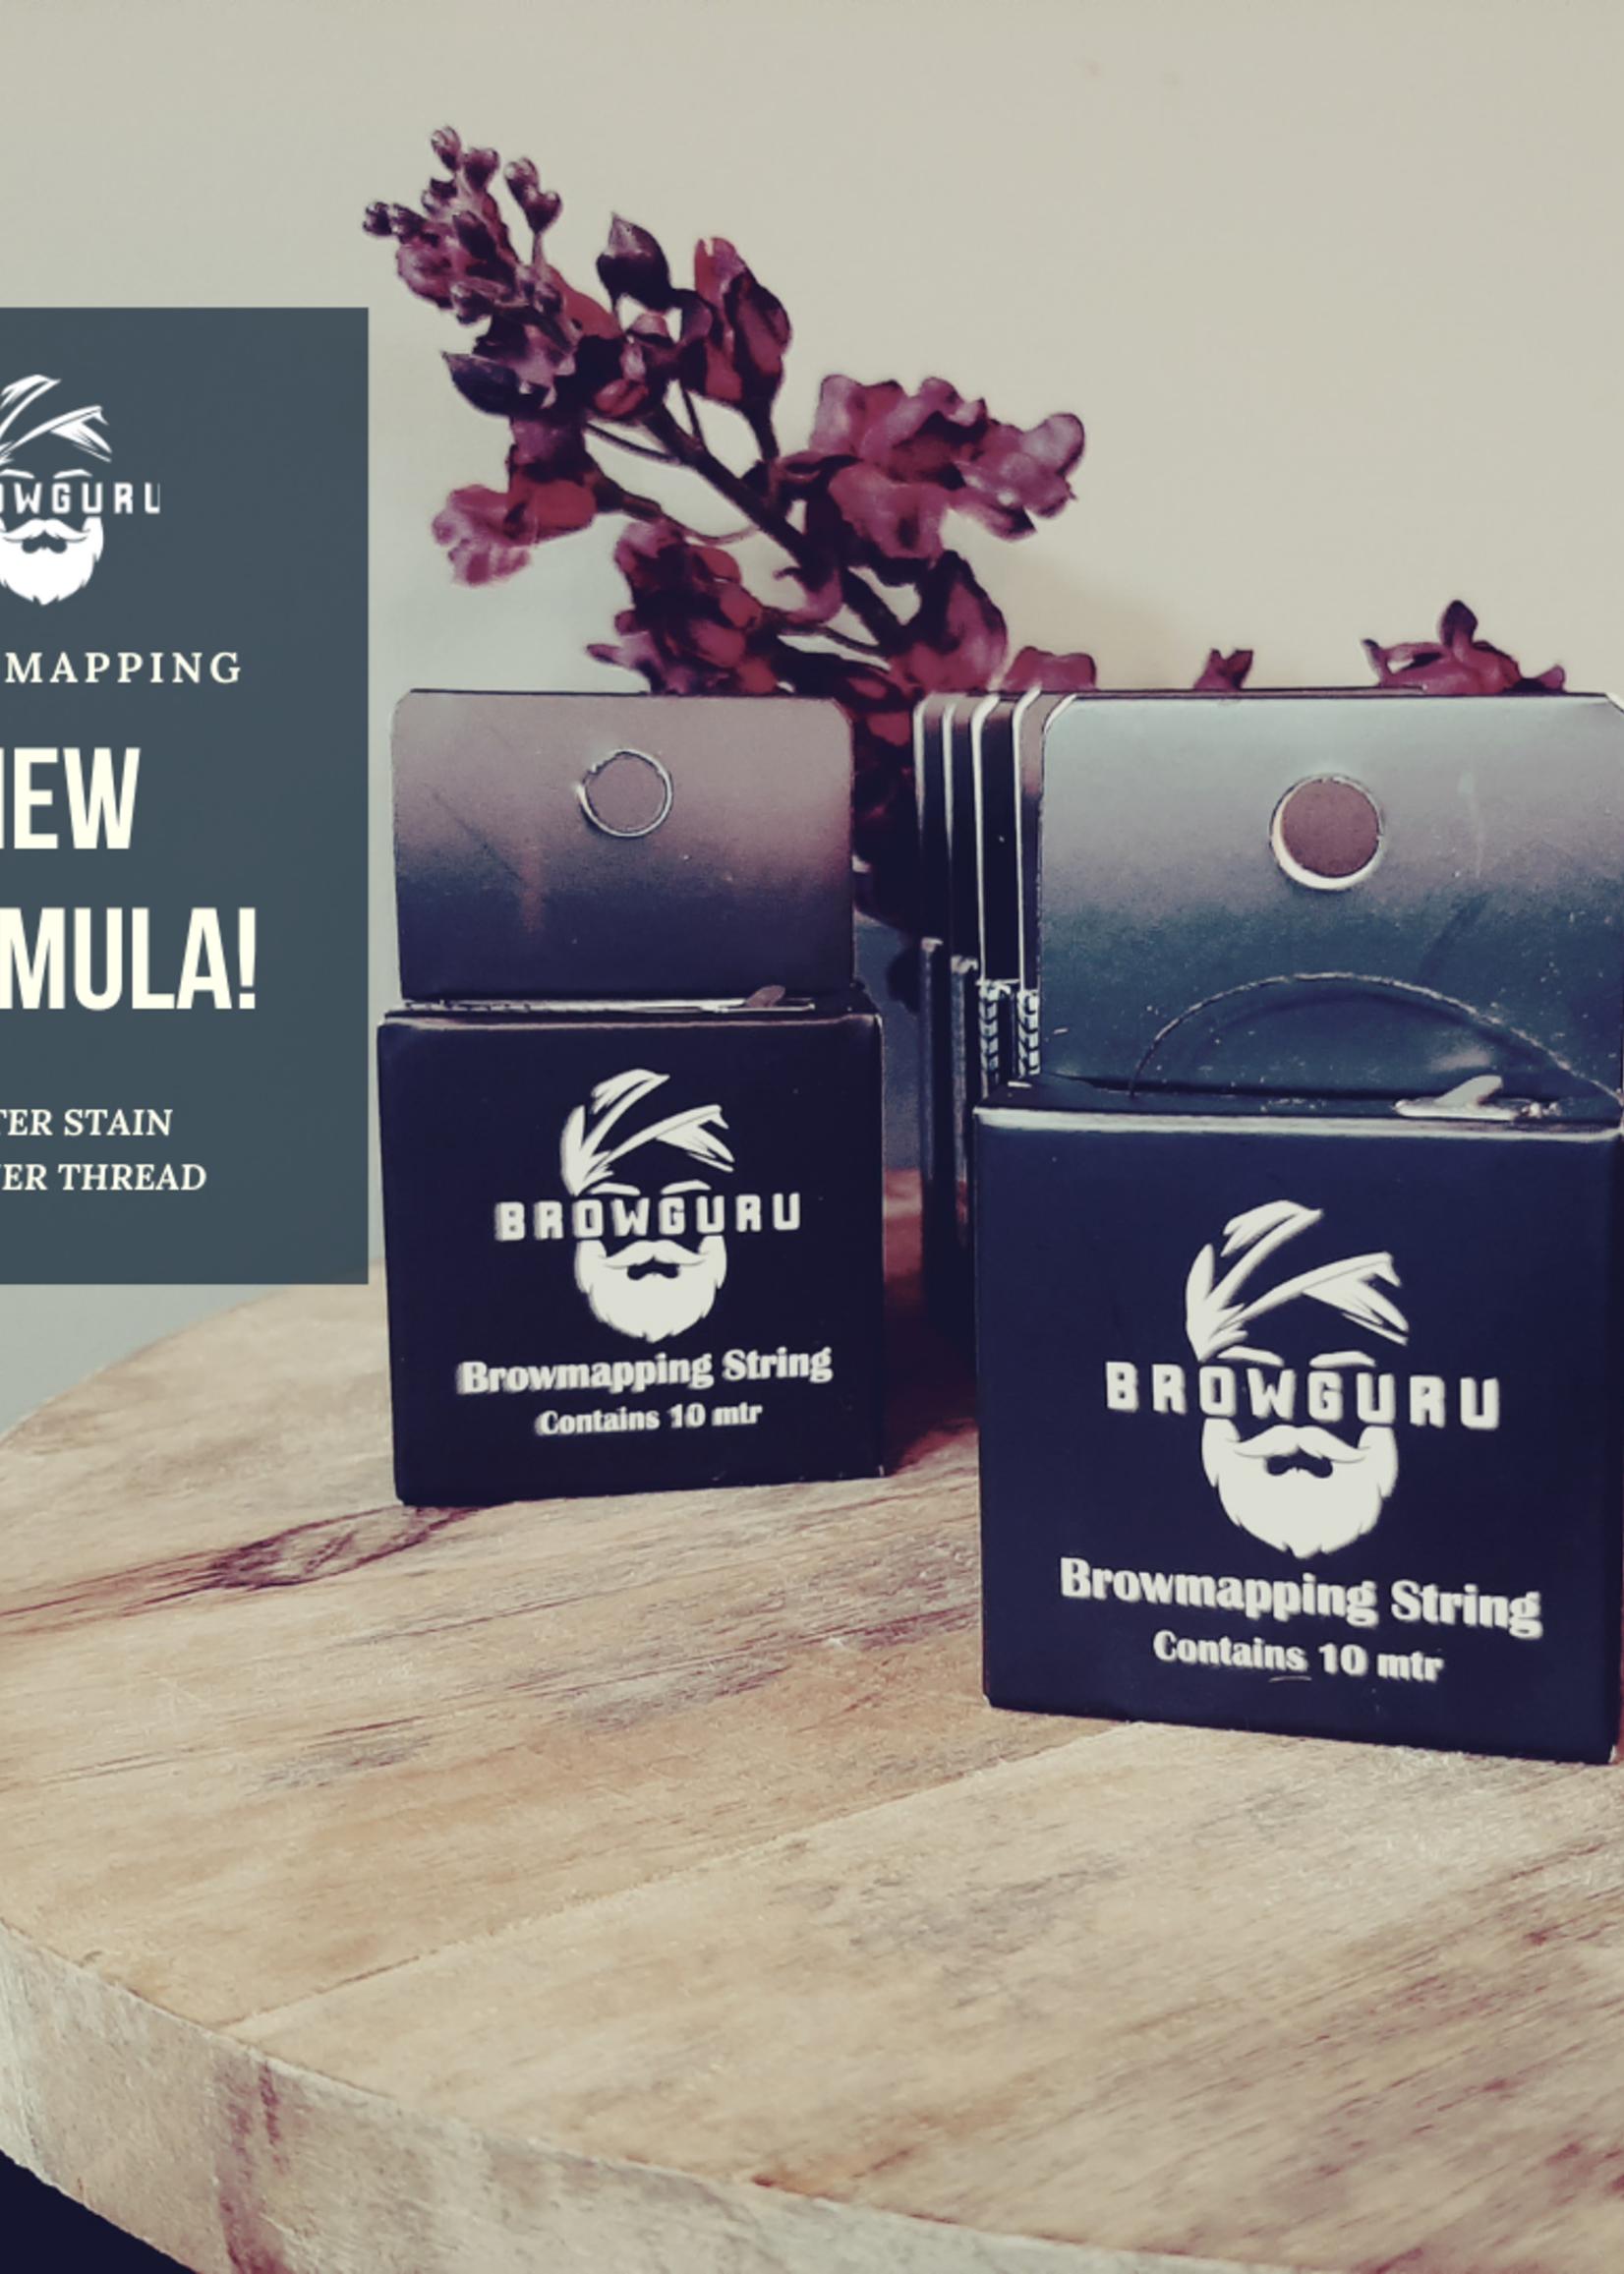 Browguru® Brow Mapping/Vorgefärbter Faden